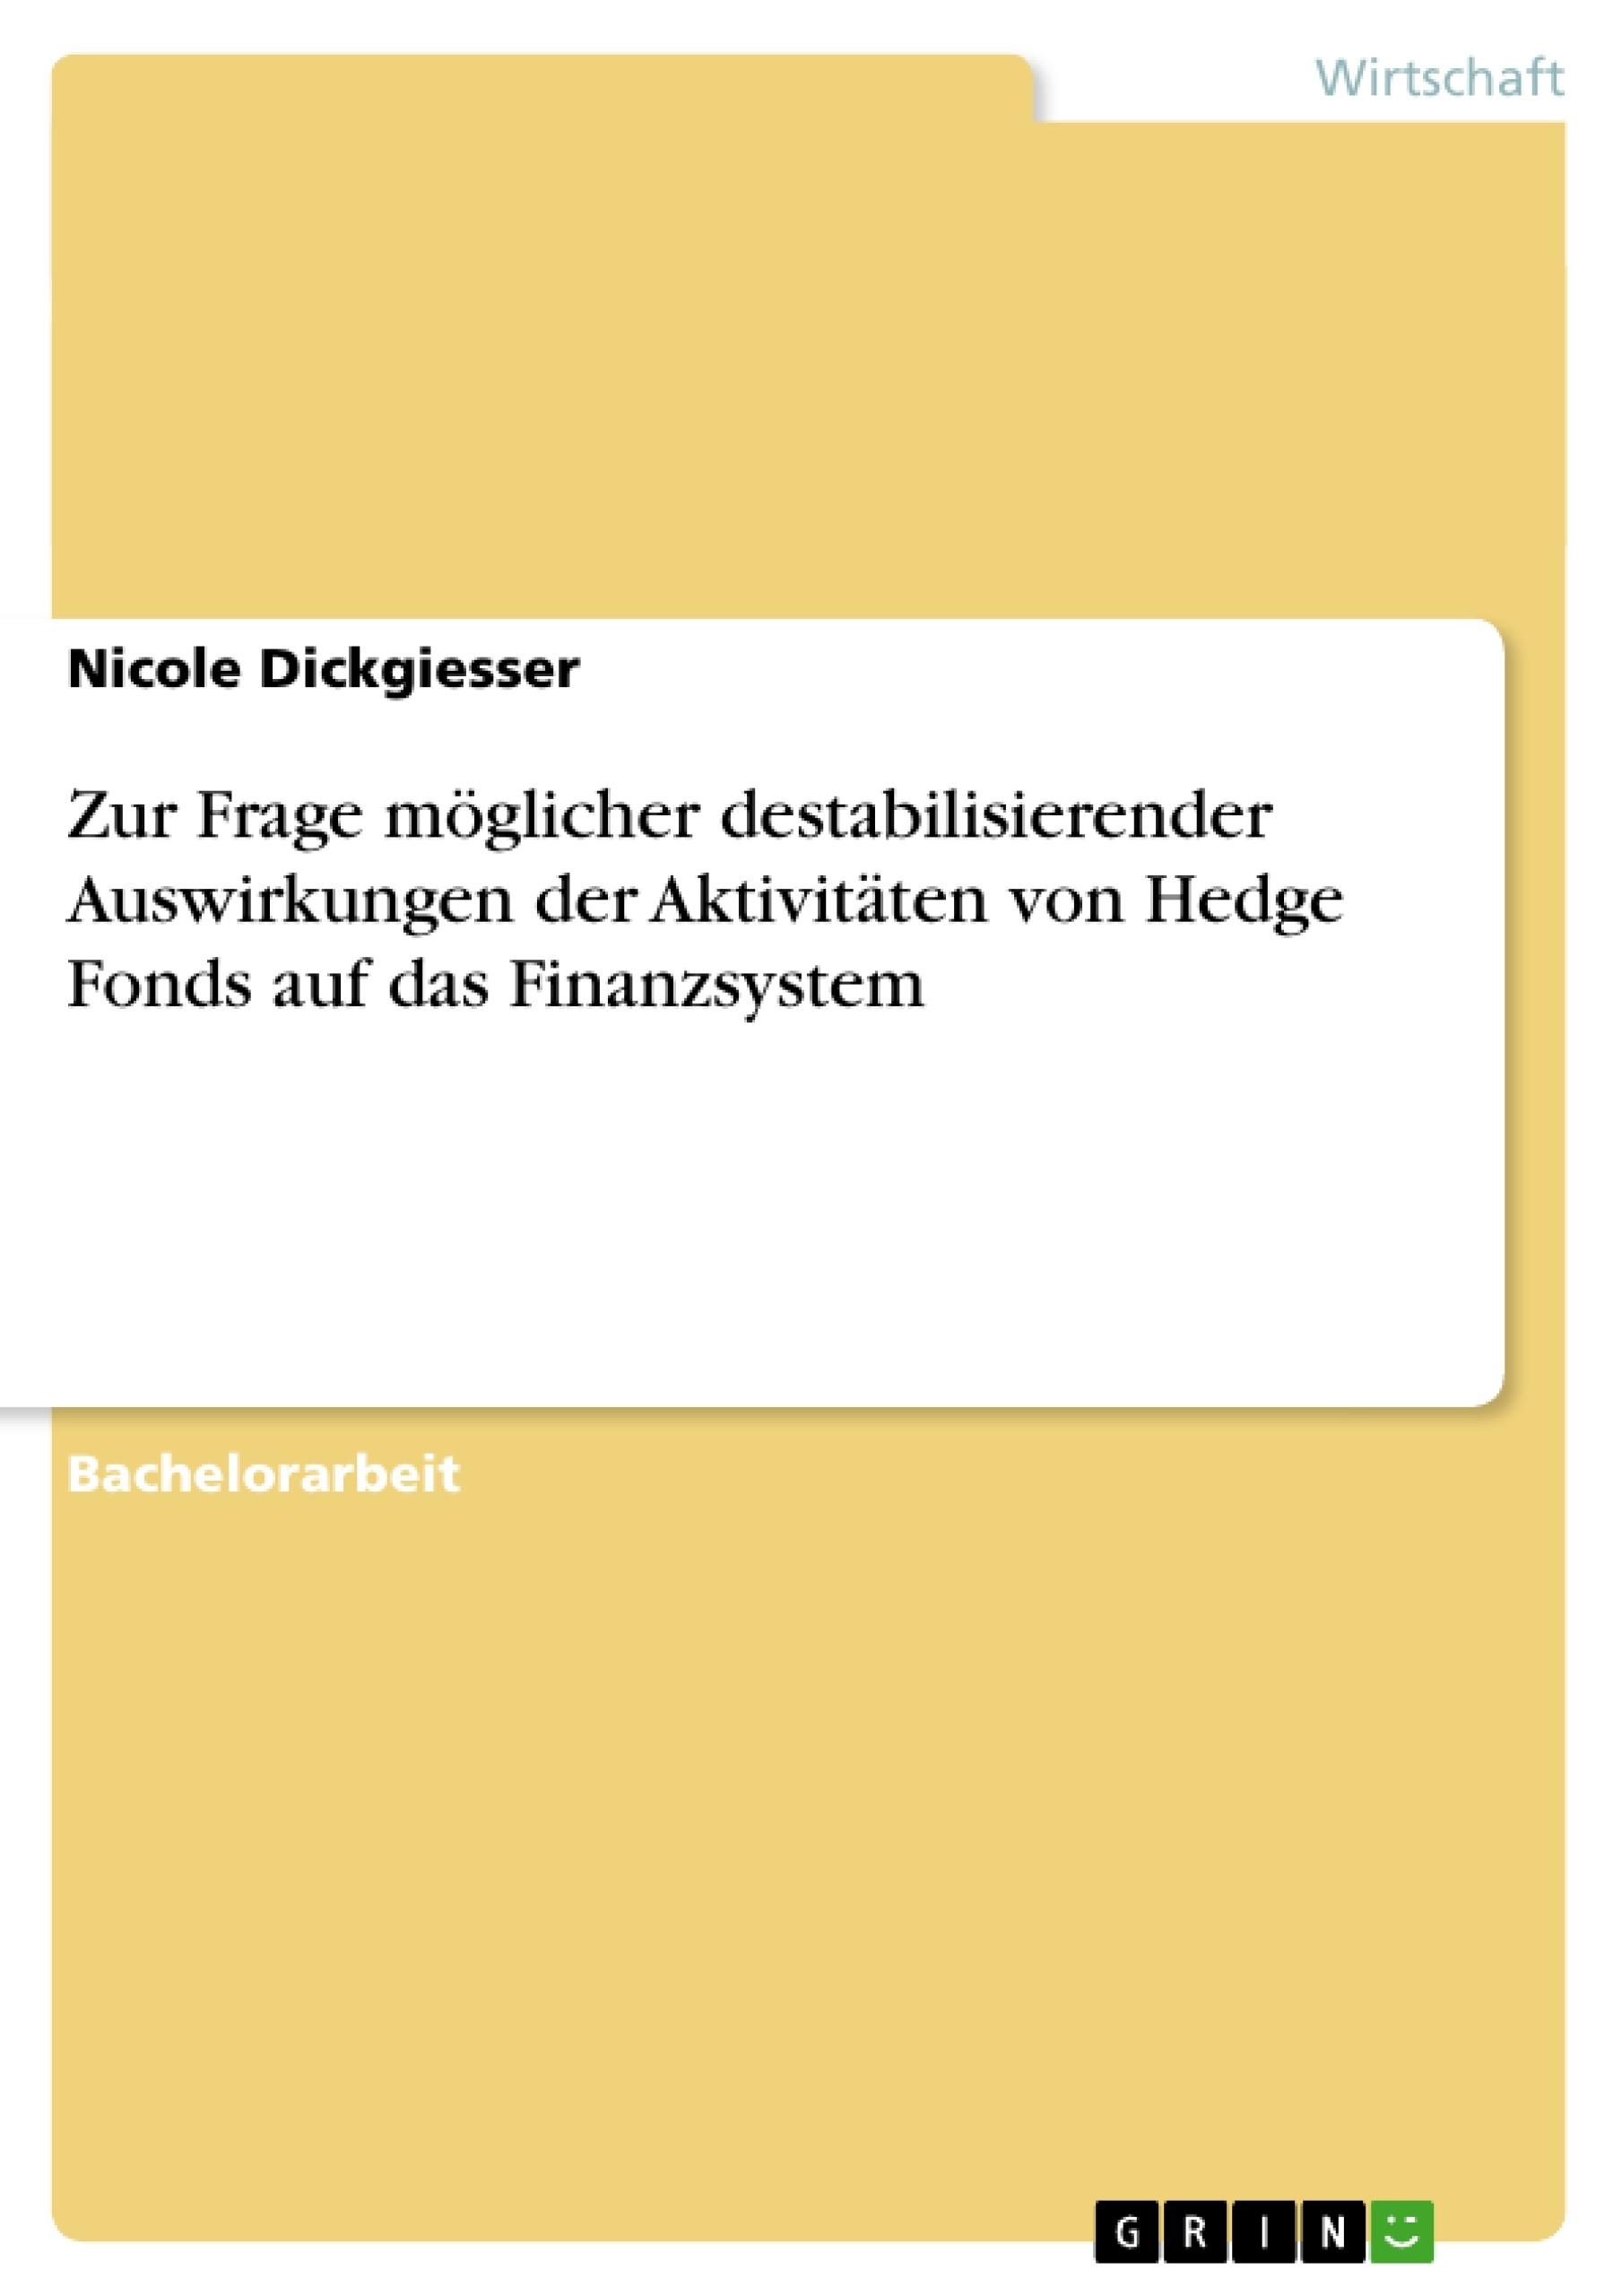 Titel: Zur Frage möglicher destabilisierender Auswirkungen der Aktivitäten von Hedge Fonds auf das Finanzsystem